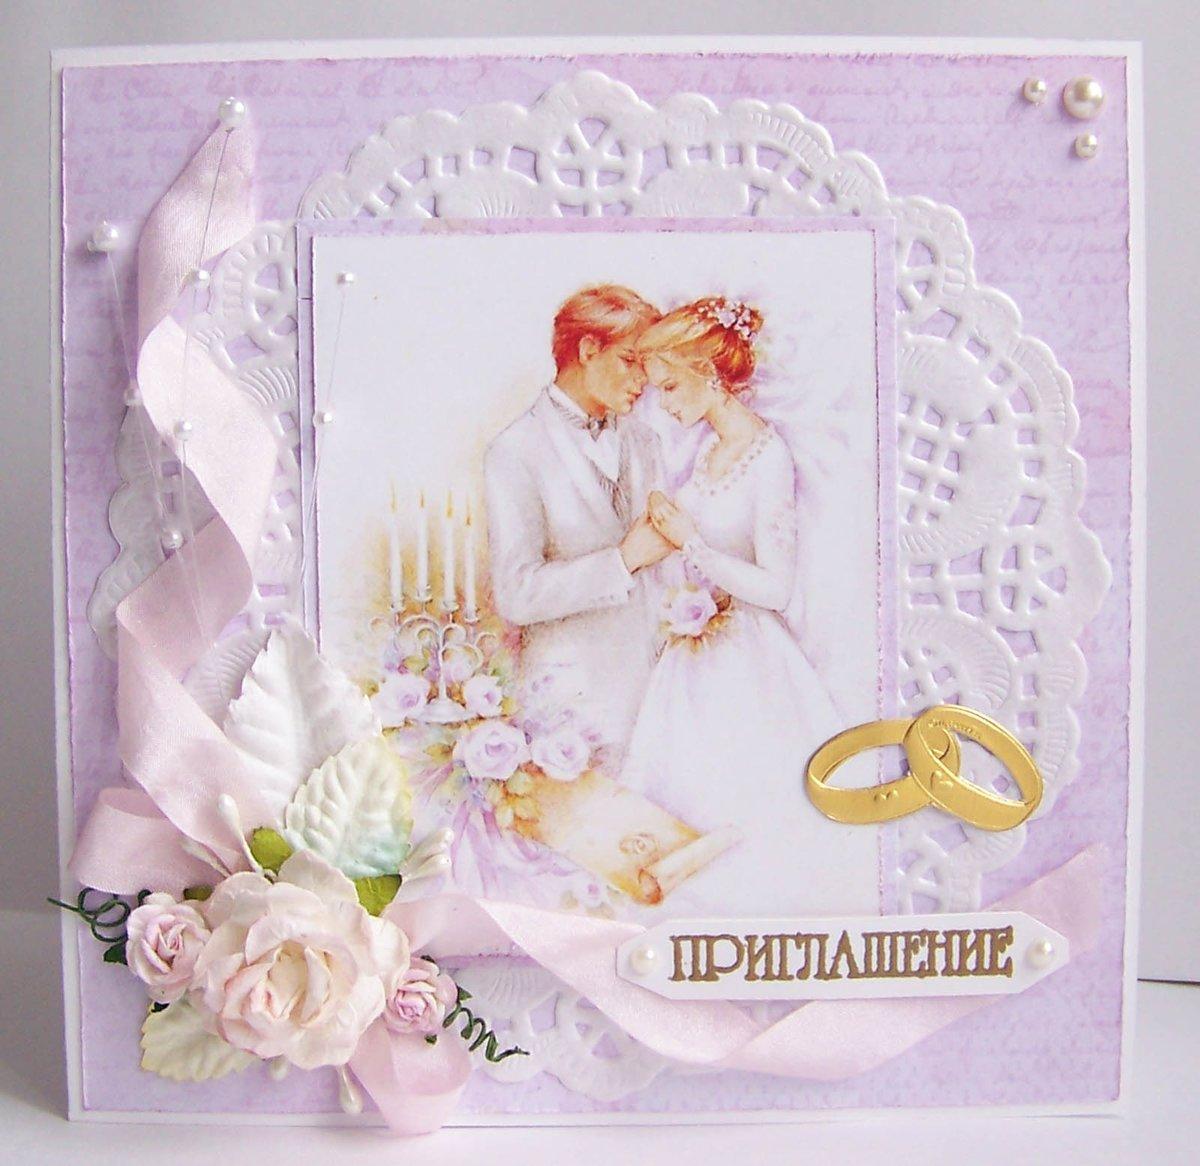 Ржд открытка, как оформлять открытки со свадьбой